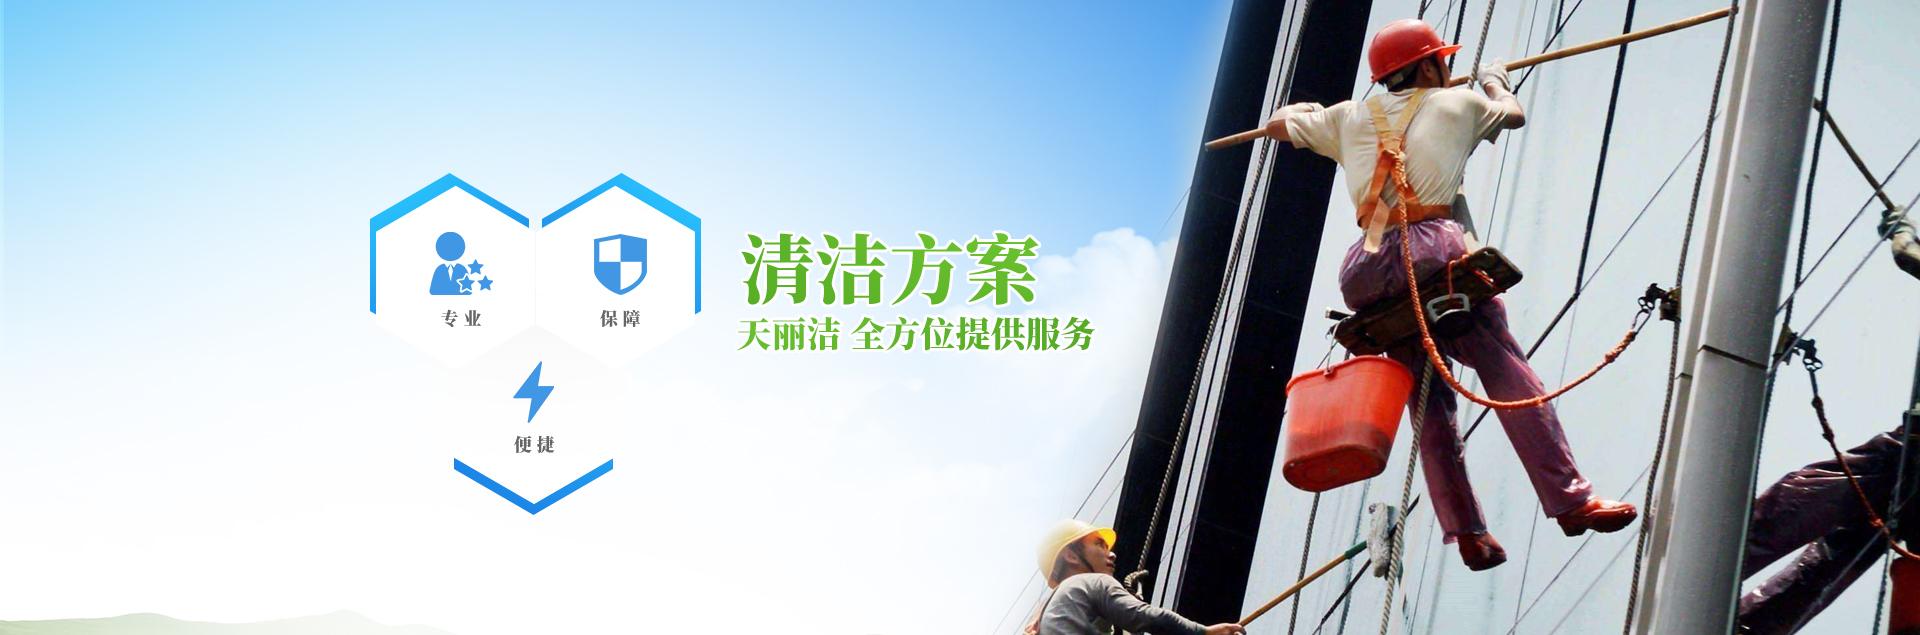 惠州市天丽洁清洗工程有限公司